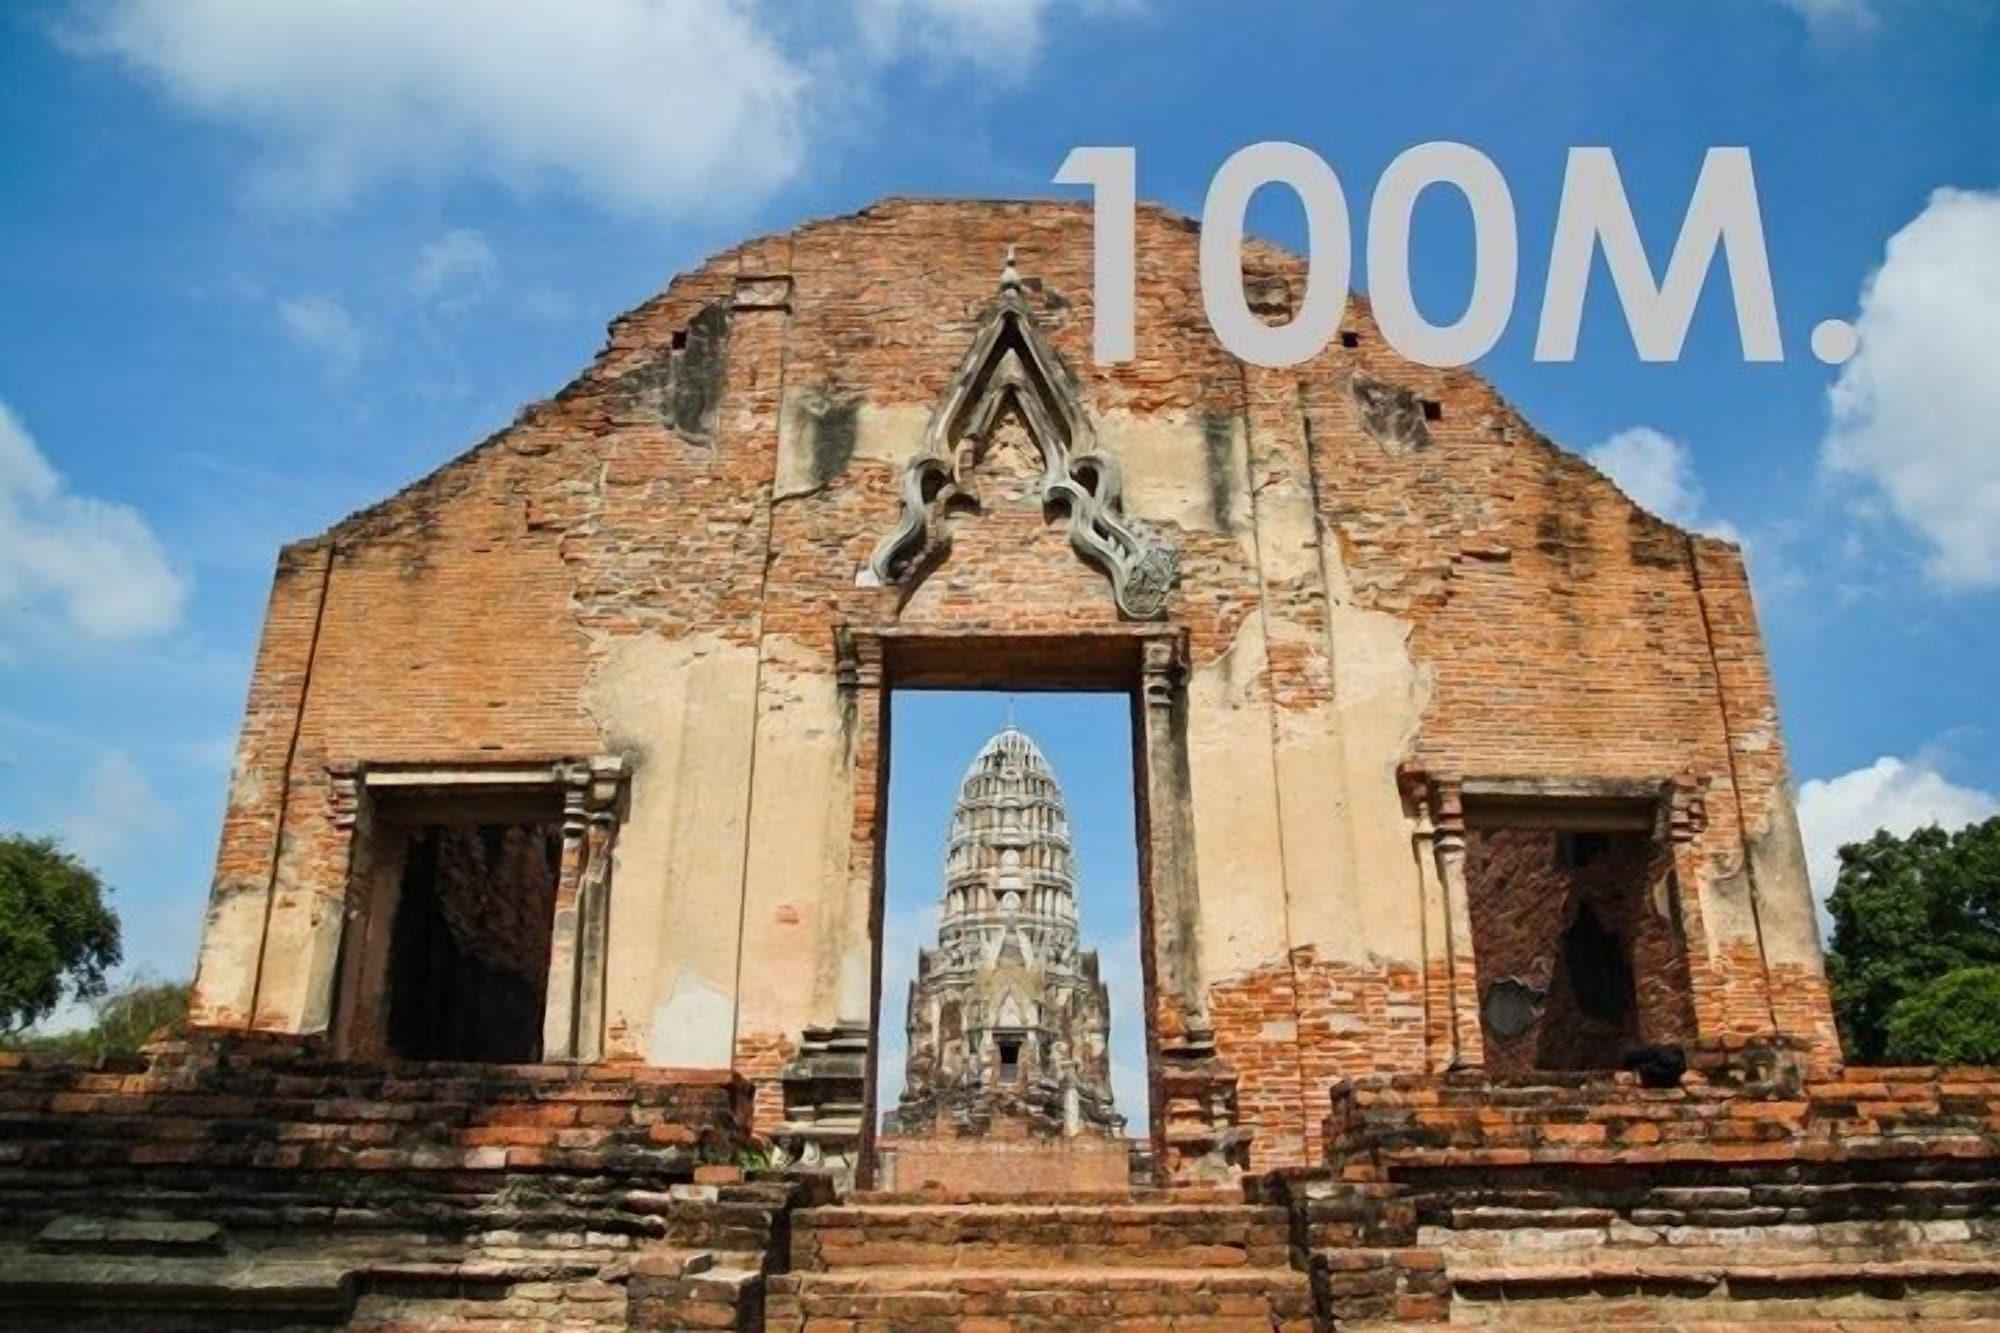 The Sixty at Ayutthaya, Phra Nakhon Si Ayutthaya